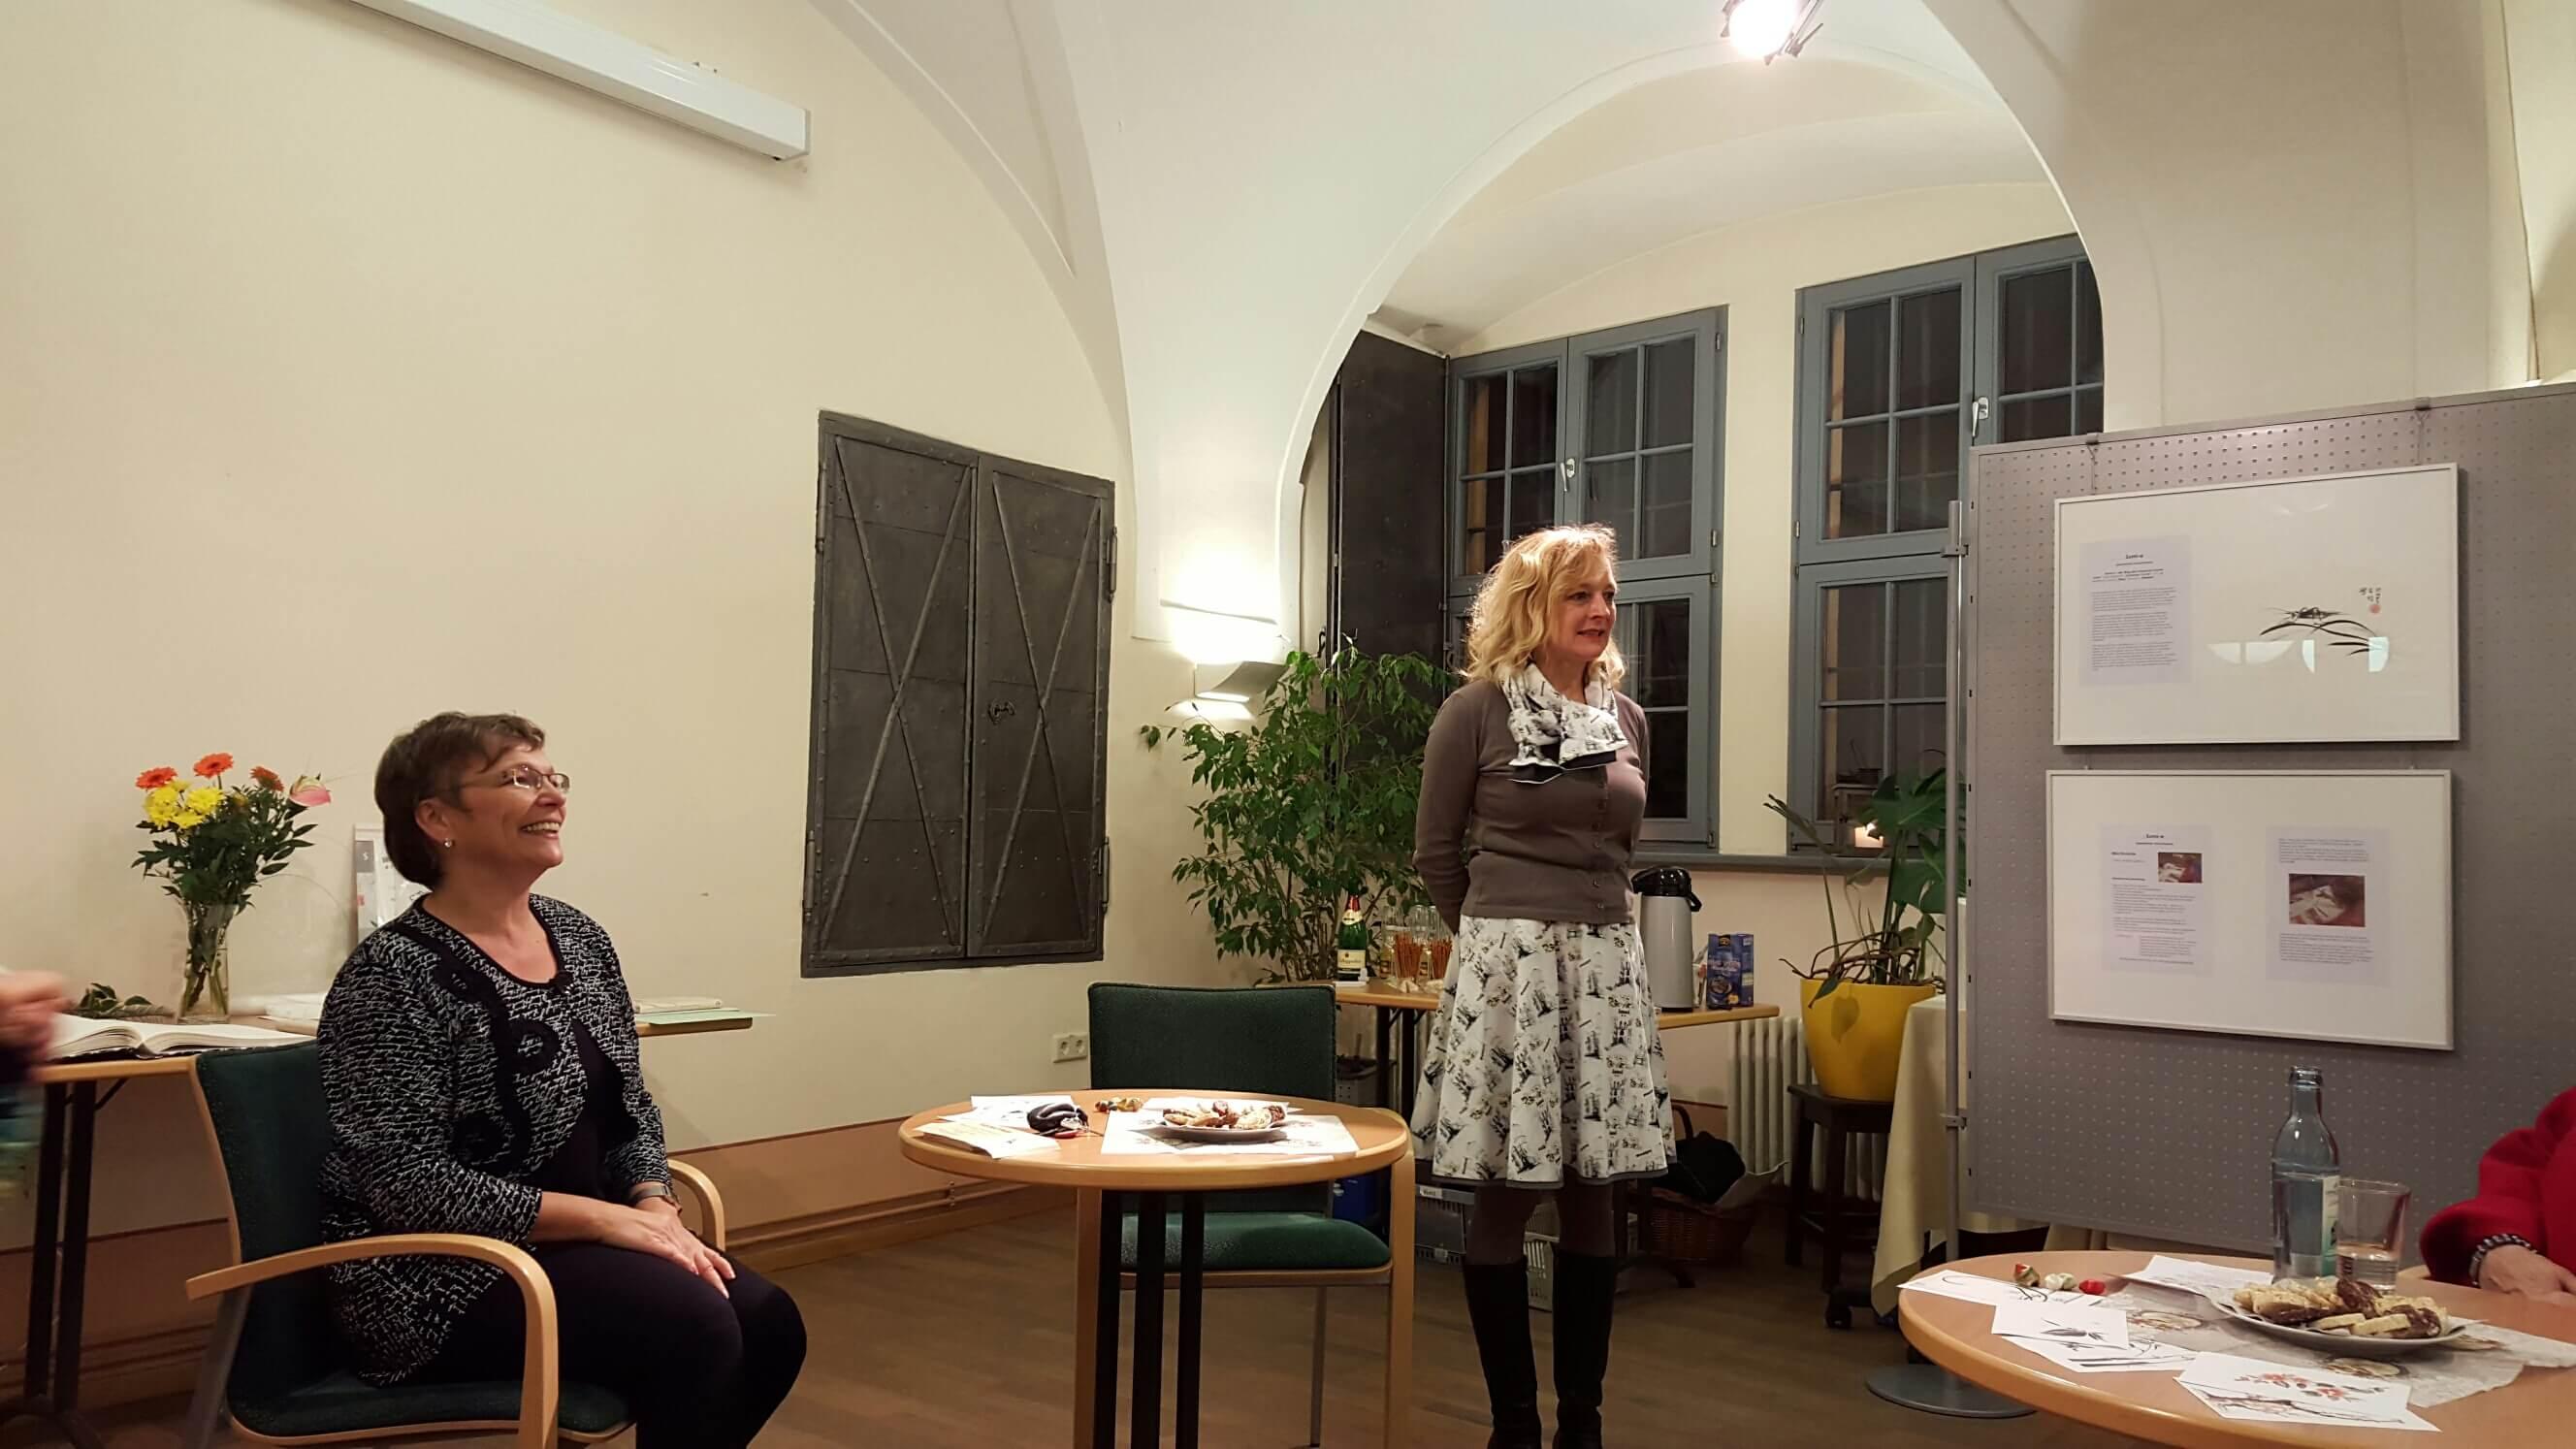 Vernissage Stadtbibliothek Bautzen_27.11.2015_01